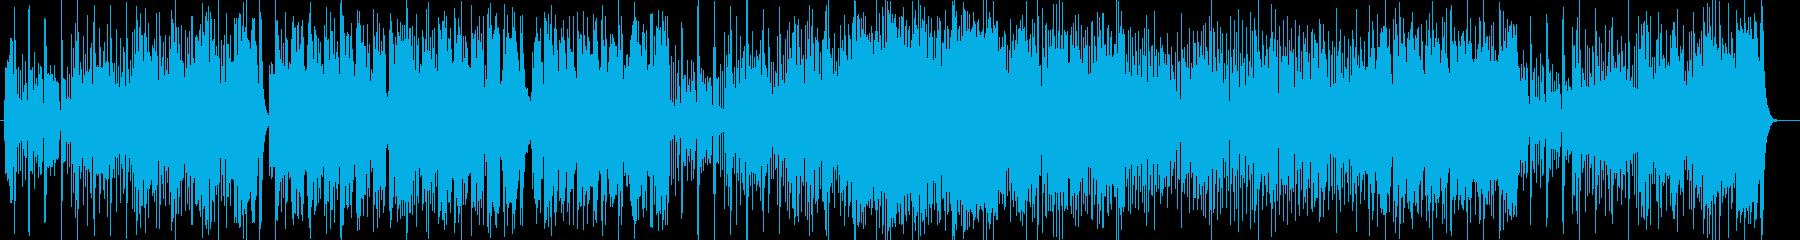 疾走感のあるピアノポップスの再生済みの波形